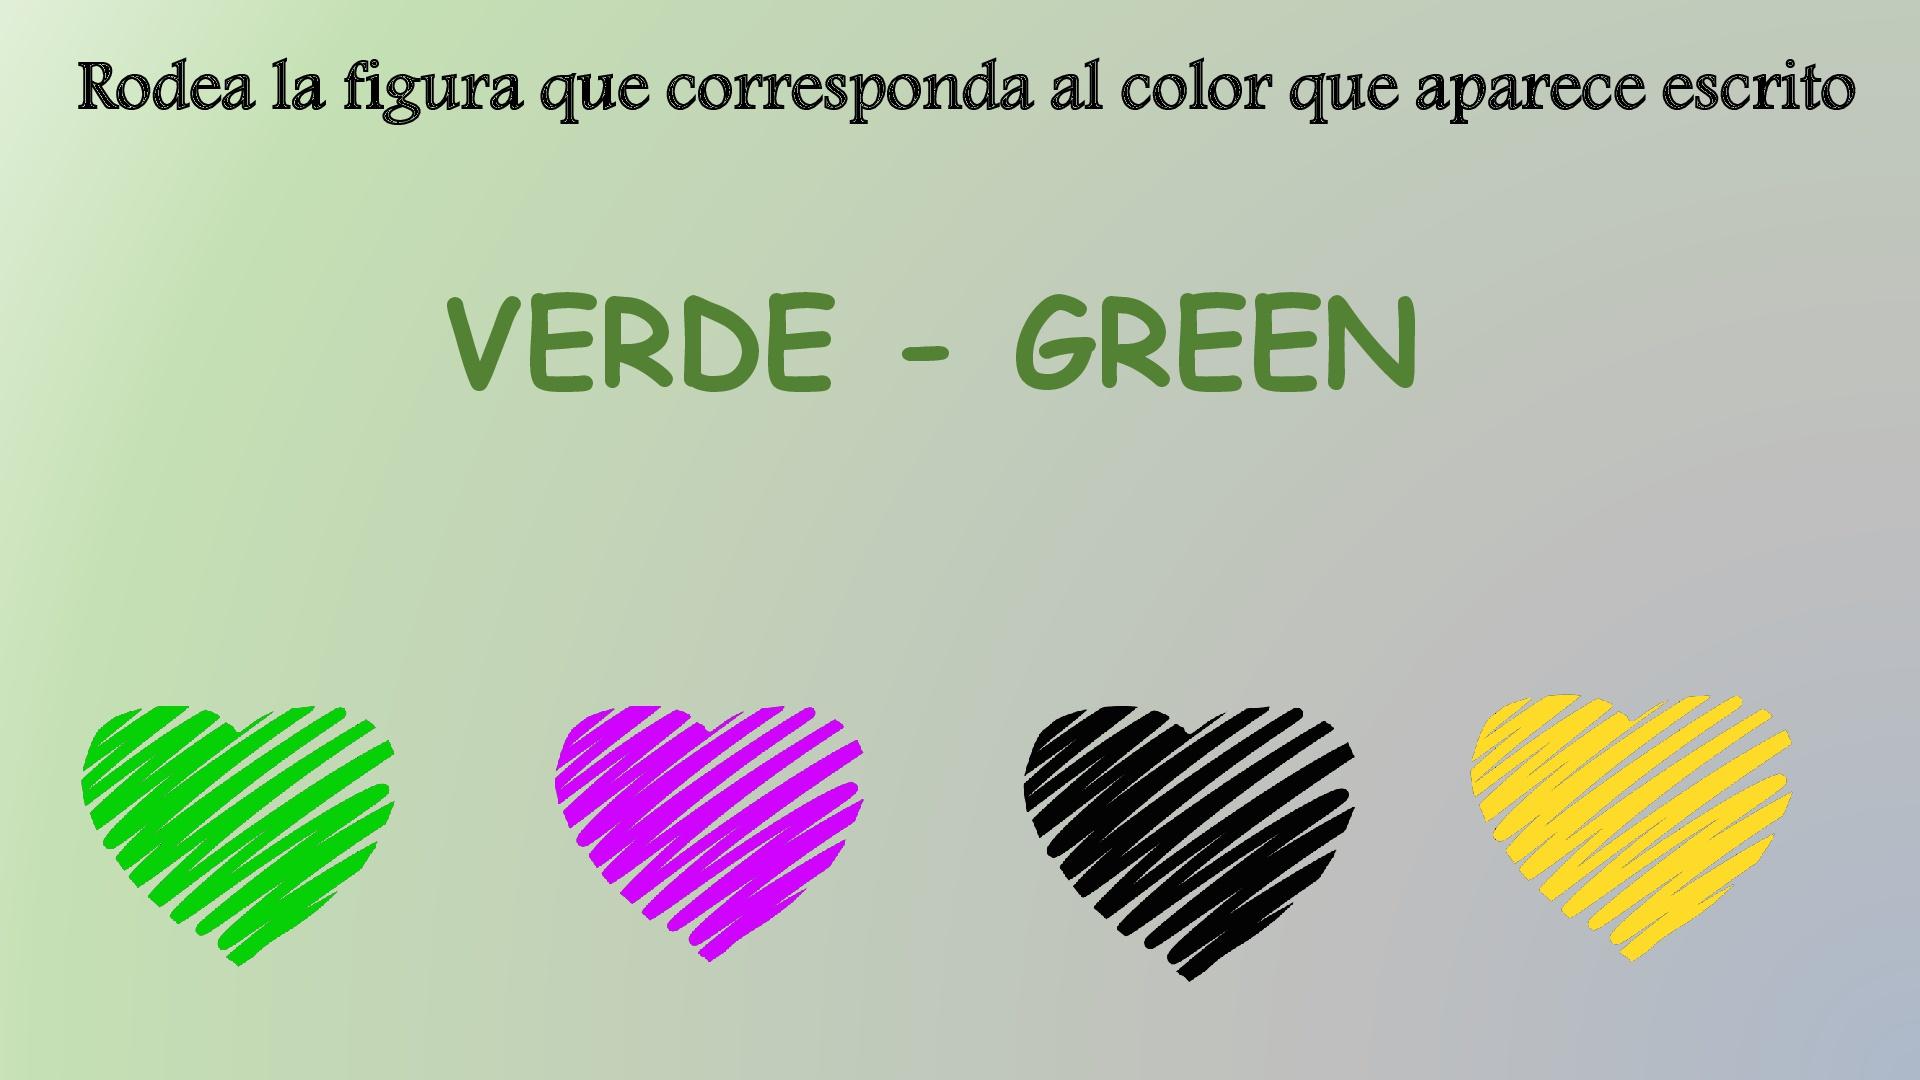 colores-ingles-y-espanol-003